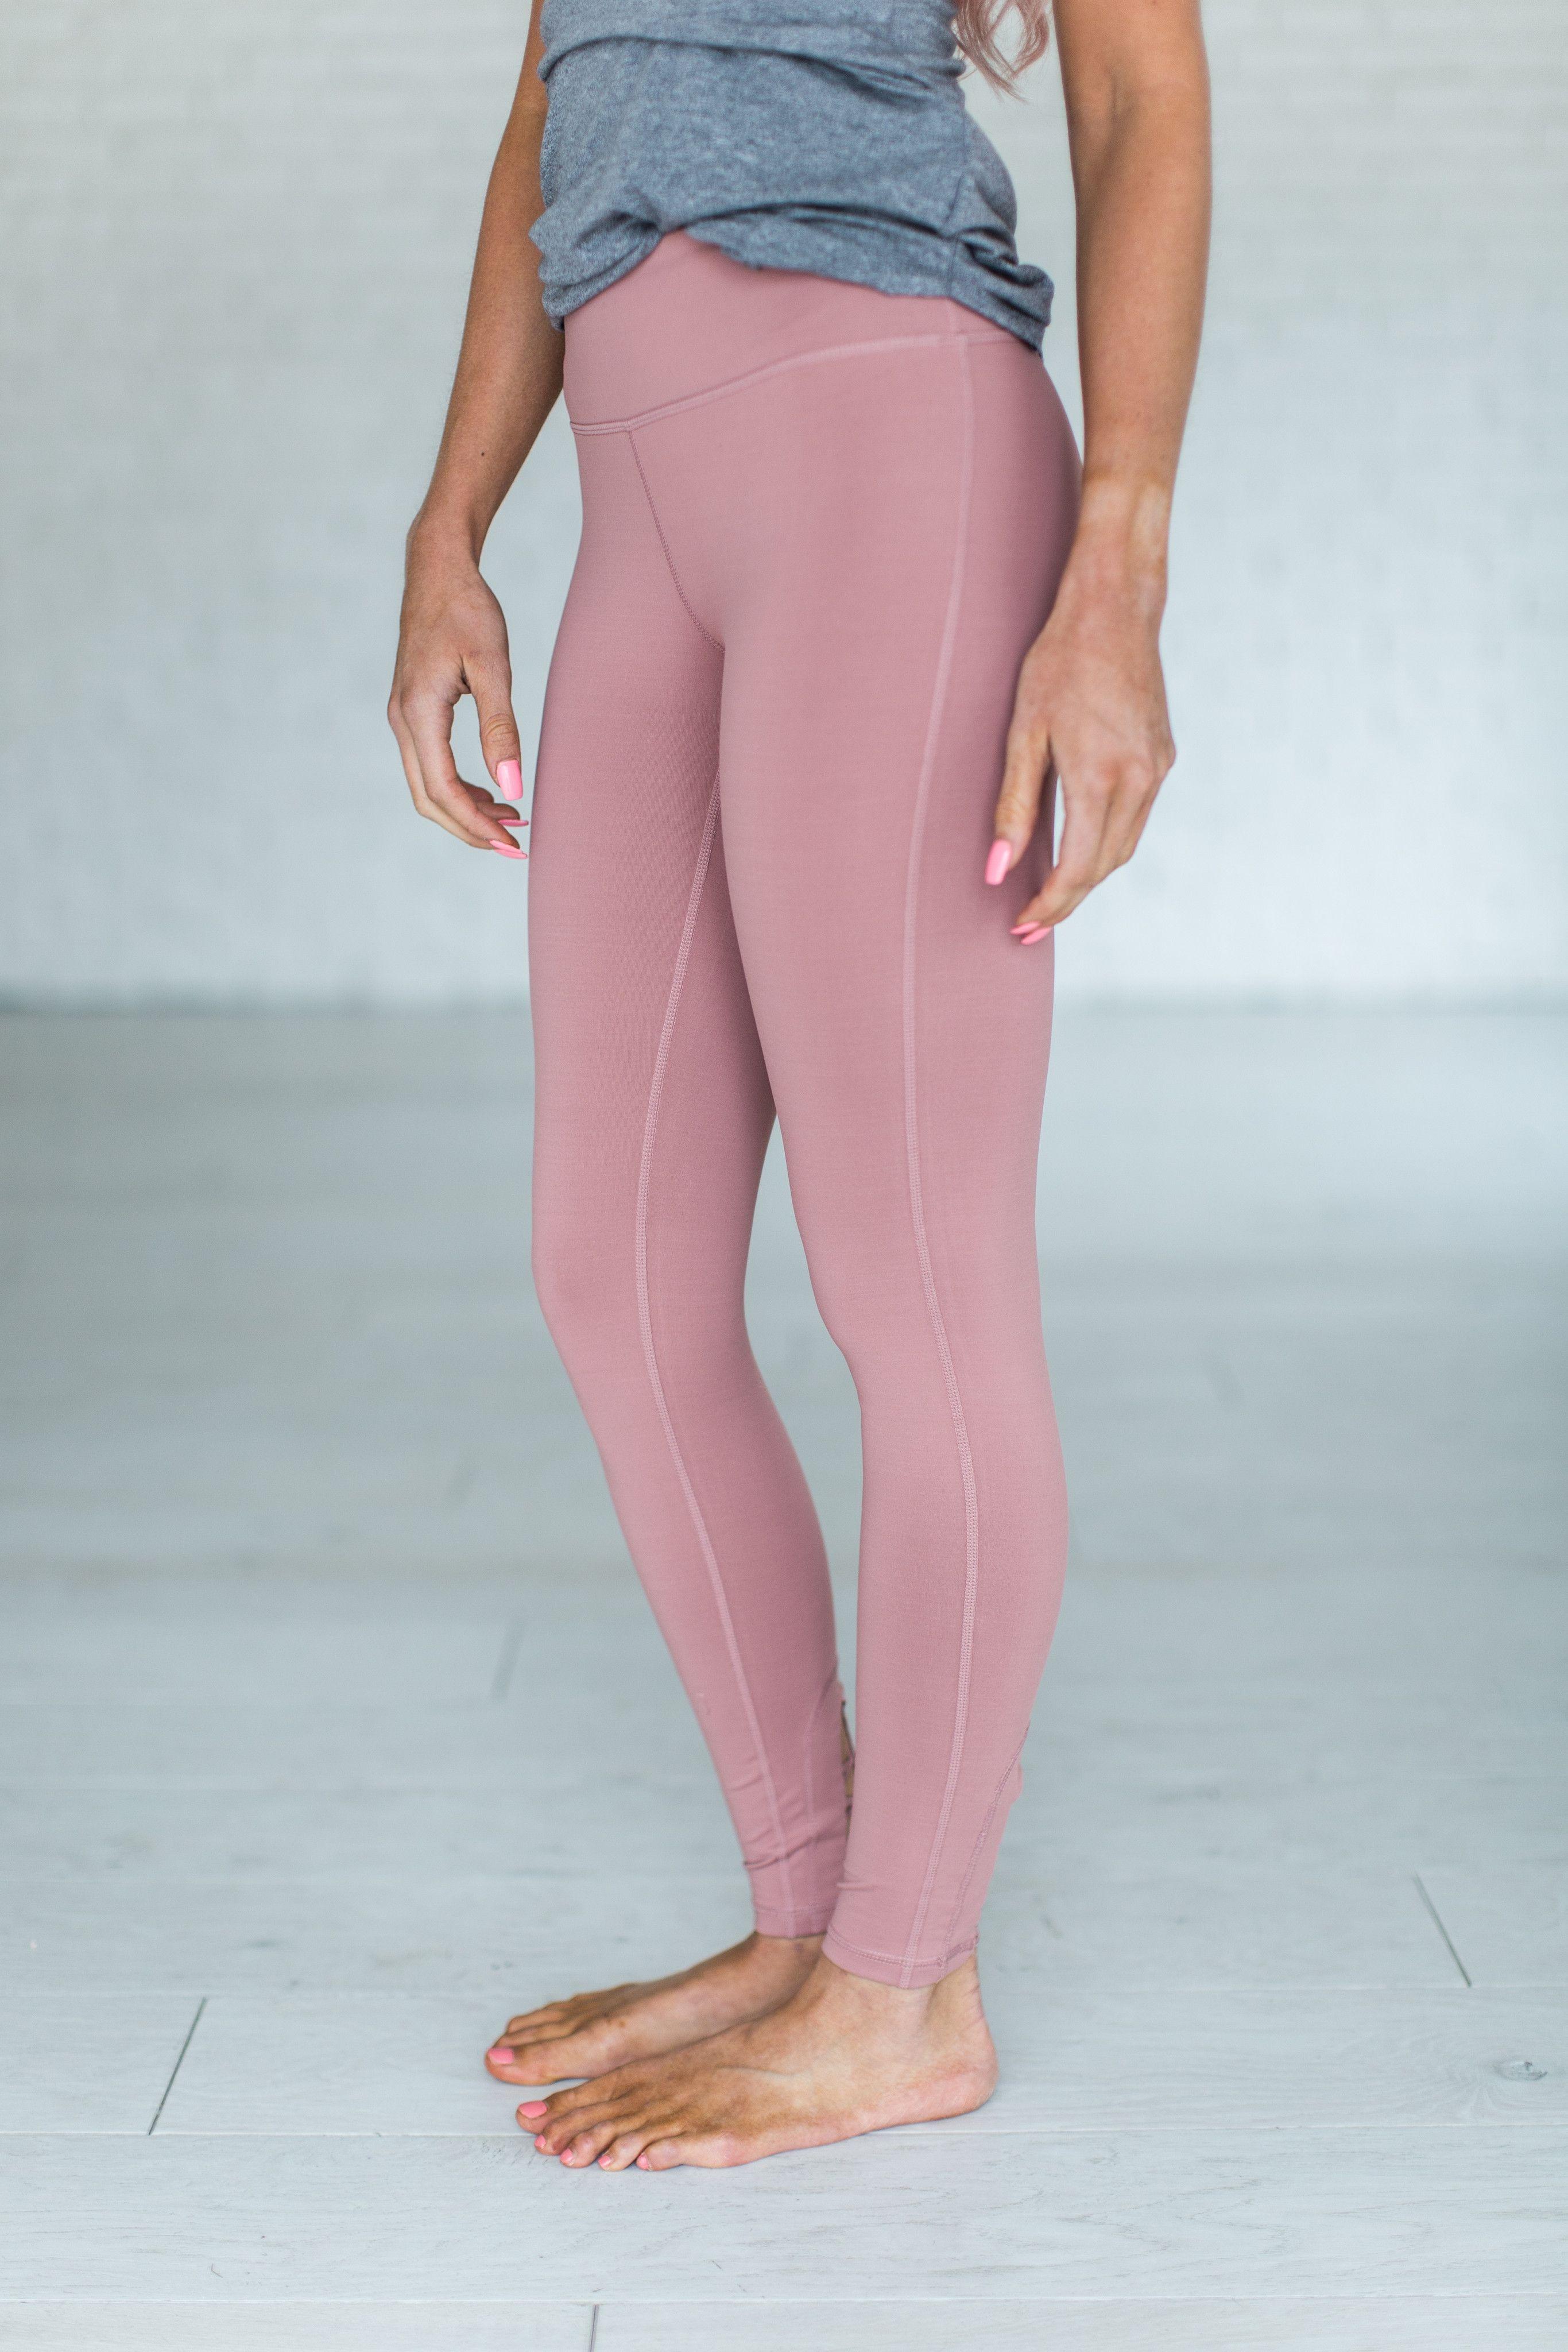 e8c42d93fd887 Dusty Pink Leggings